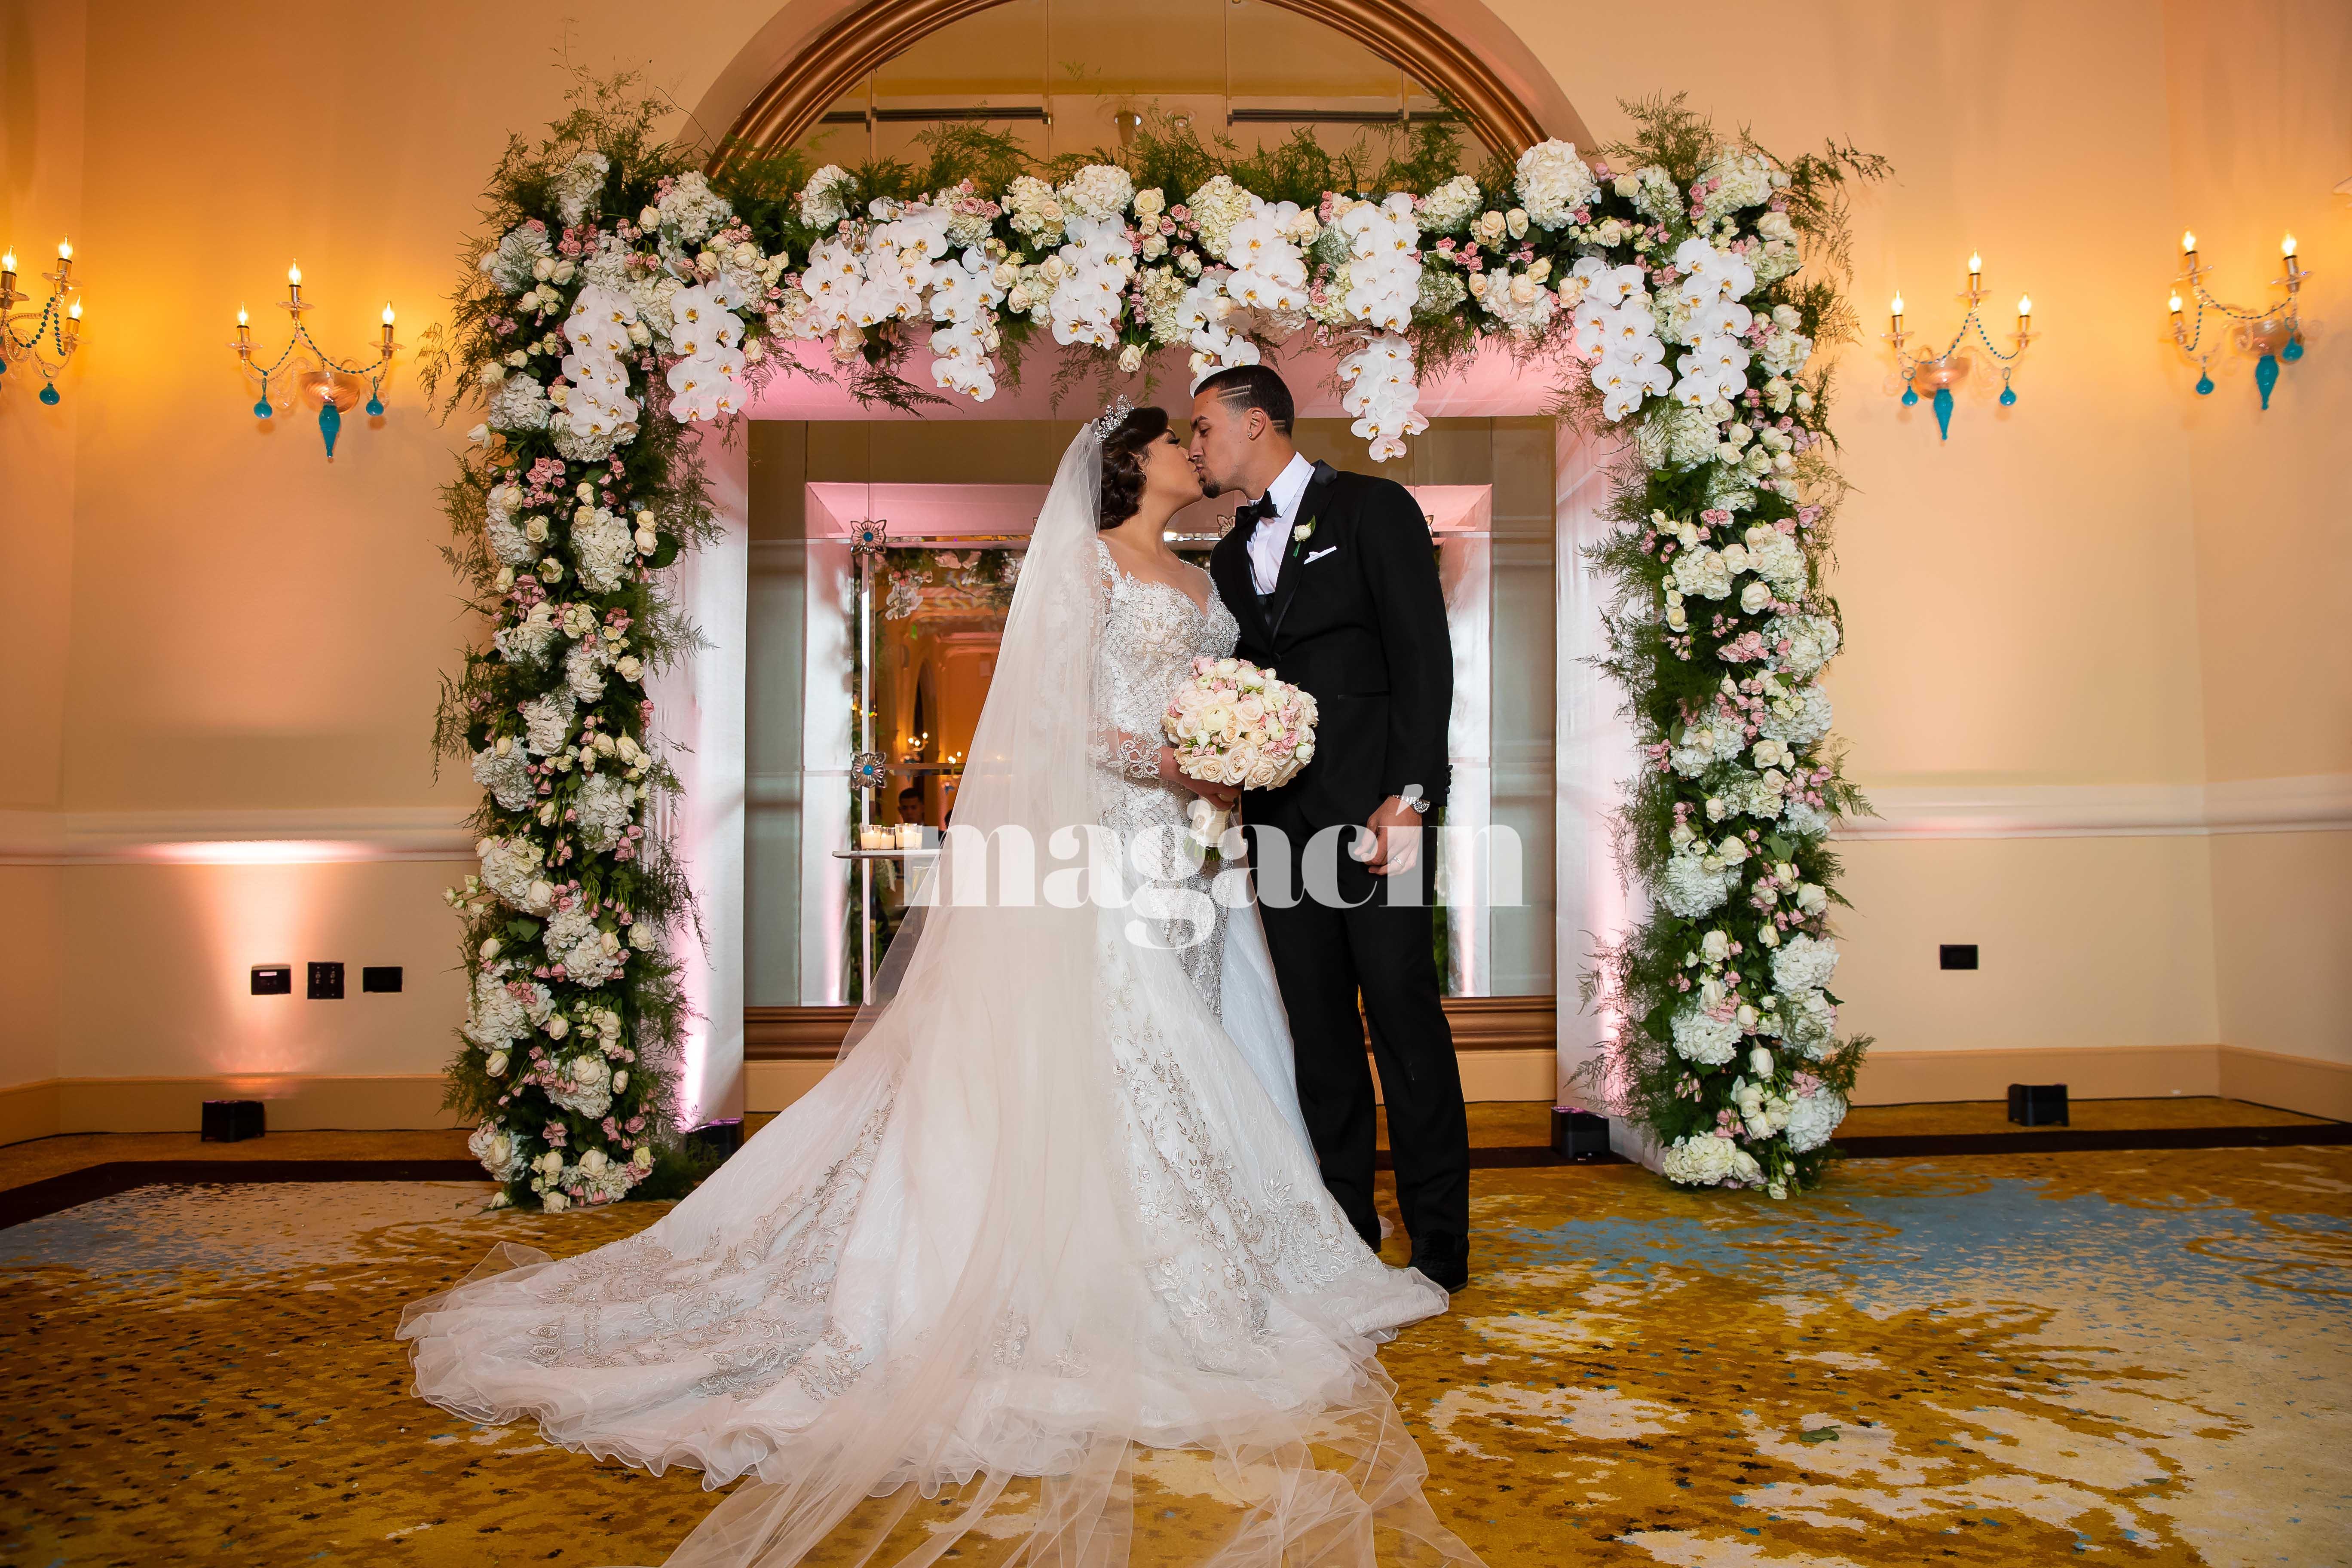 El estelar intermedista de los Cachorros de Chicago, Javier Báez, y su compañera Irmarie Márquez se casaron el pasado 26 de enero. (Suministrada/ Claudette Montero)